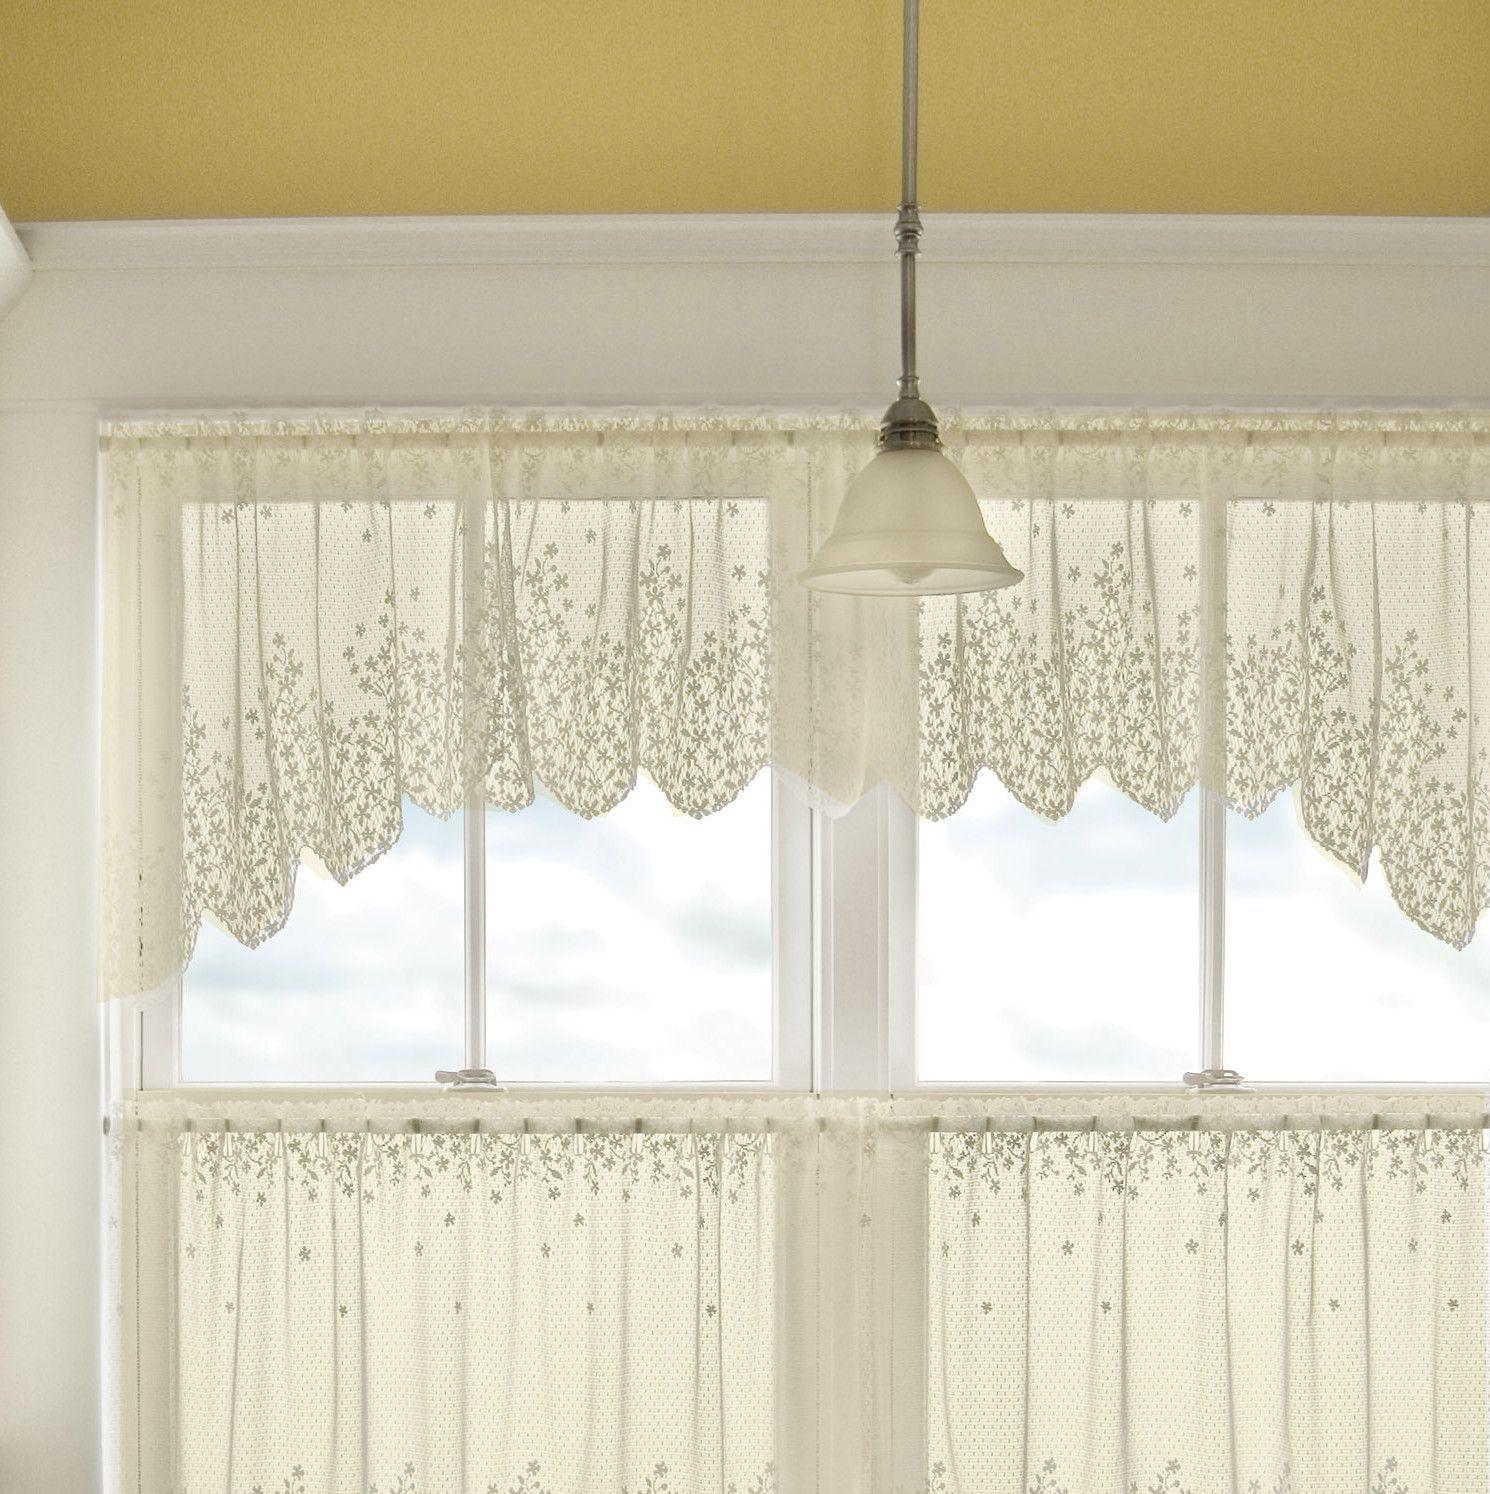 Abbigail 48 Curtain Valance